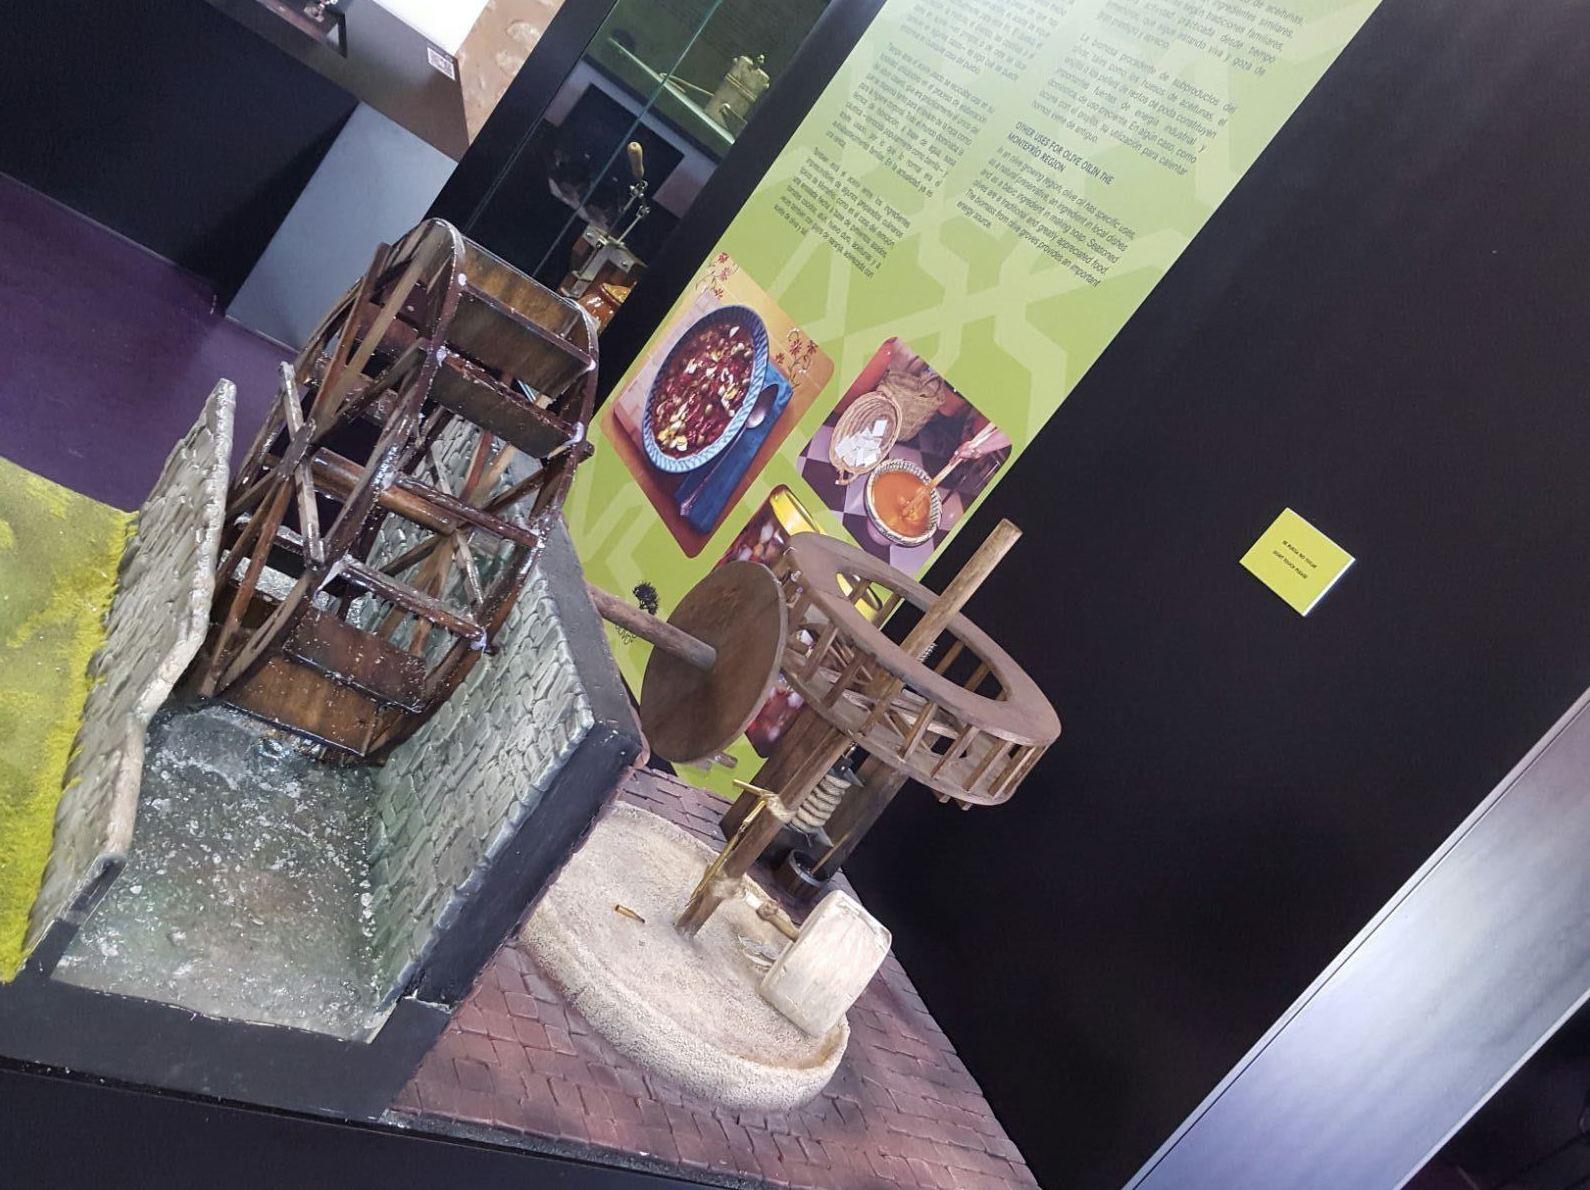 Museo del Olivo Rutas turísticas Montefrío